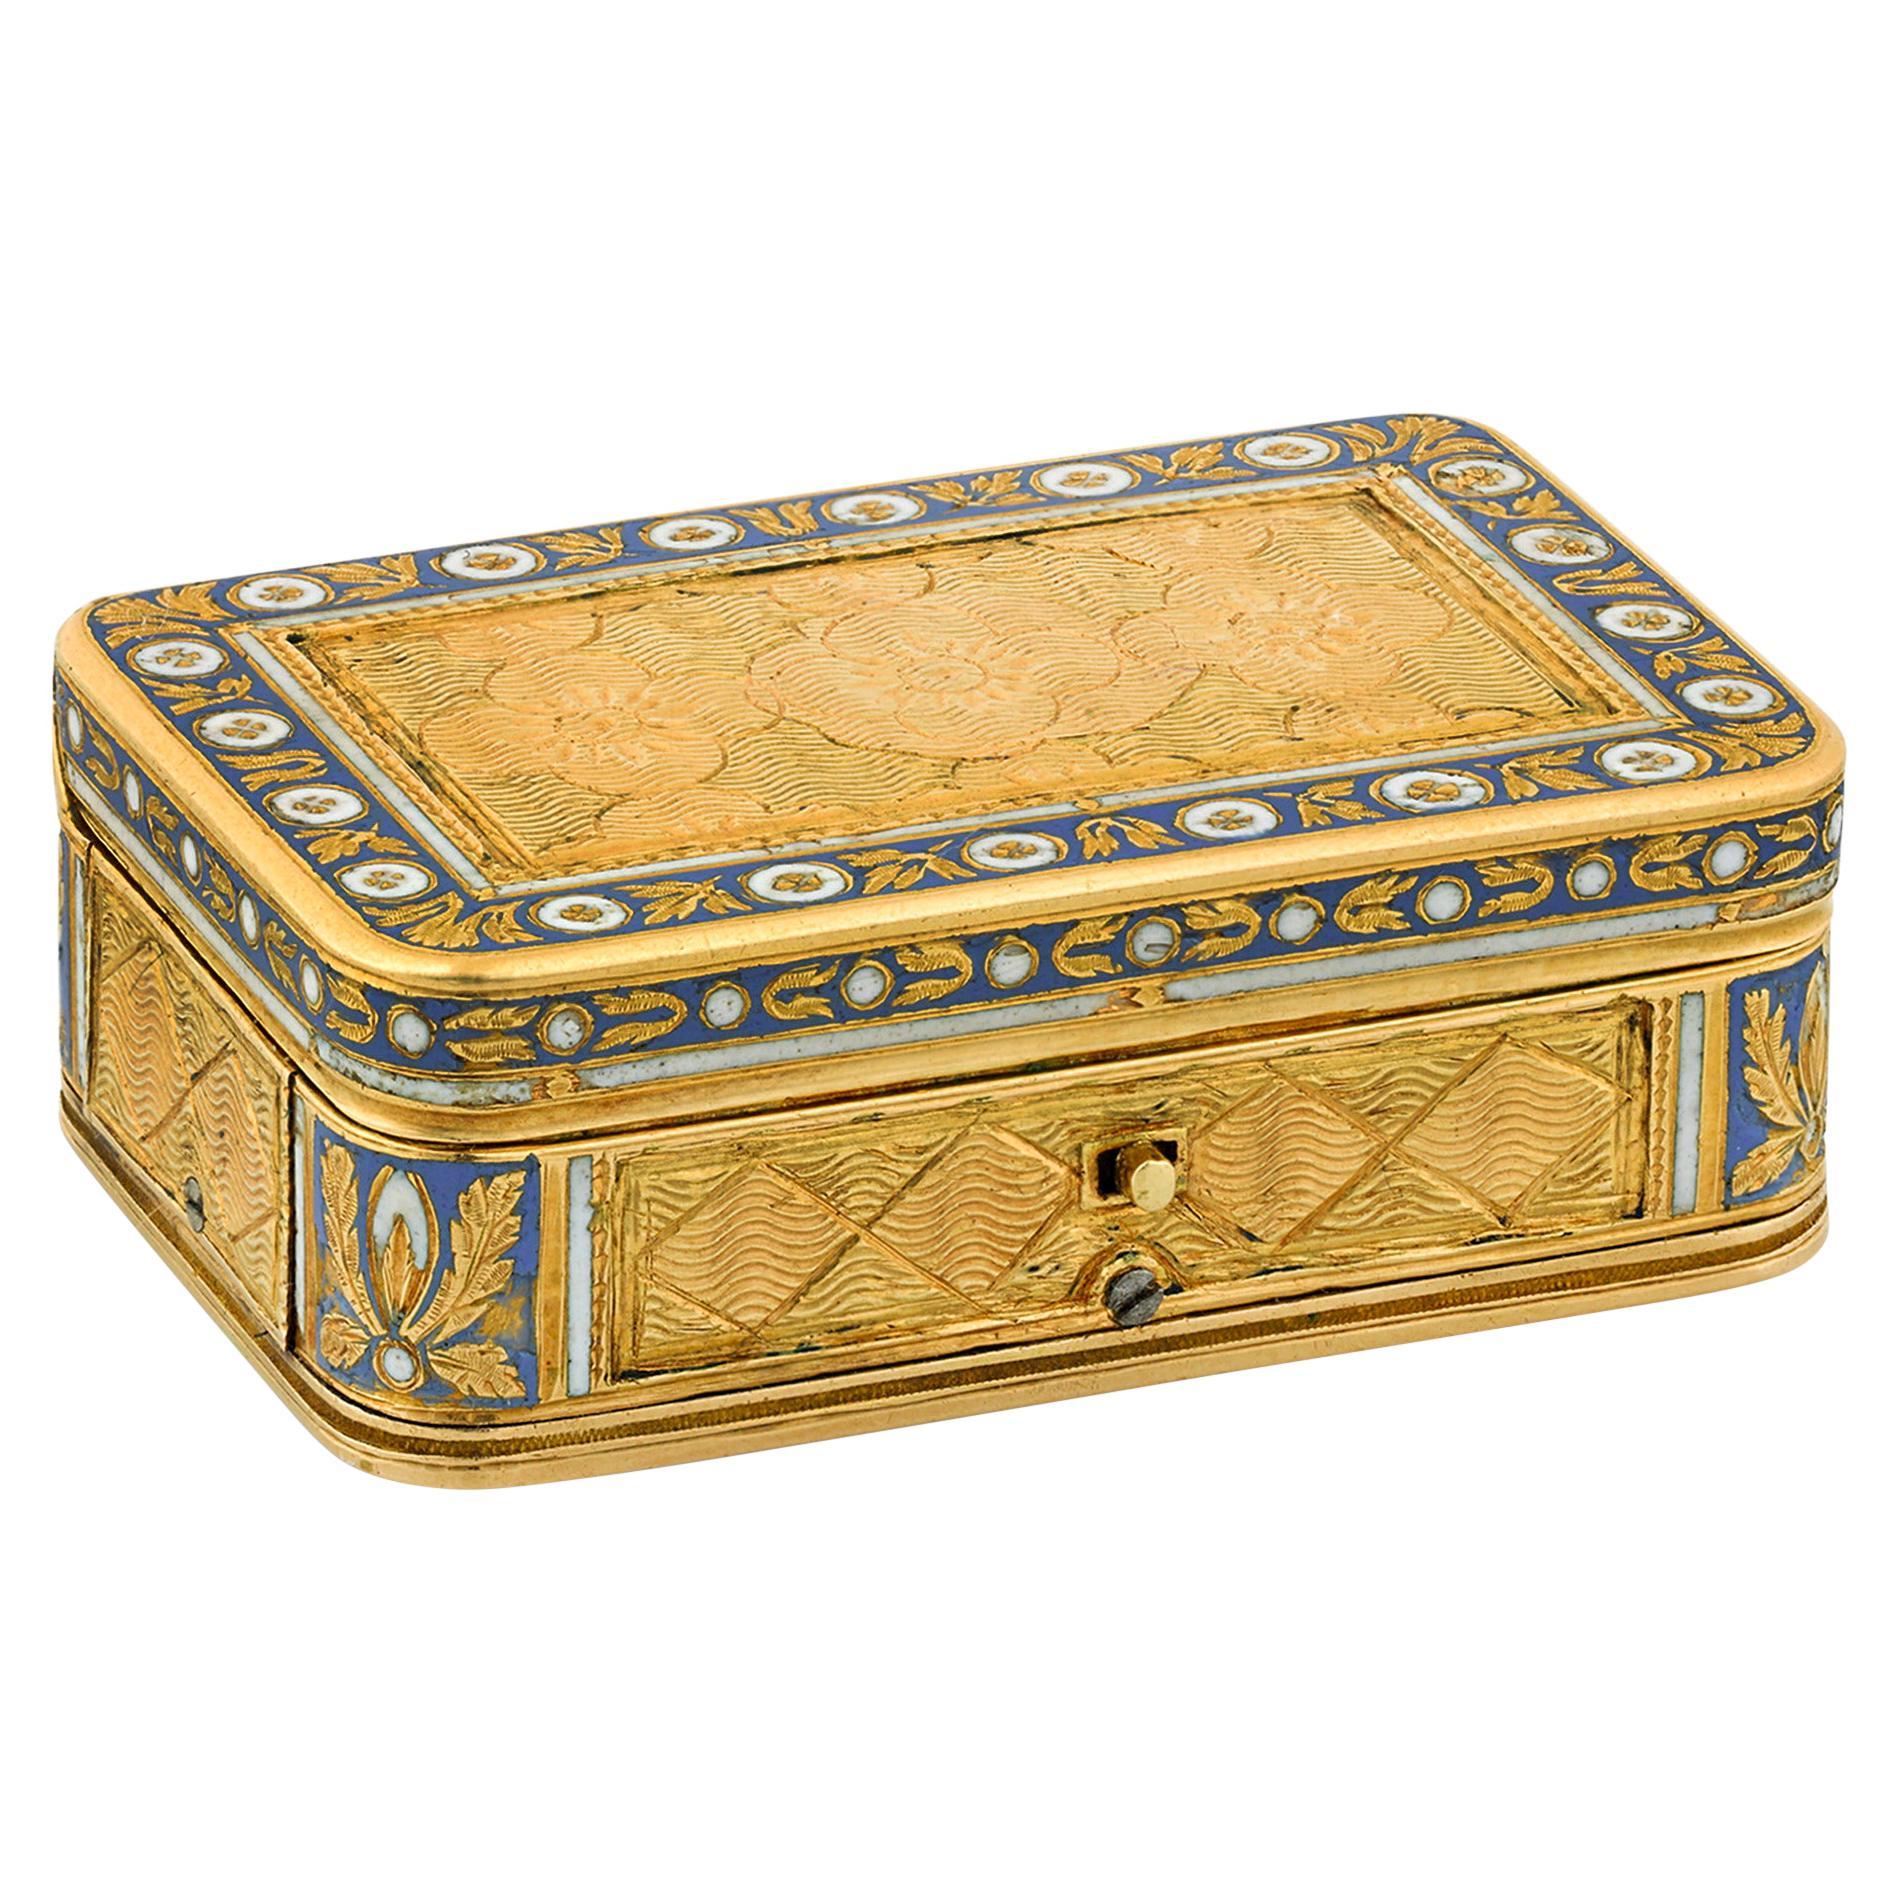 Swiss Gold and Enamel Musical Vinaigrette